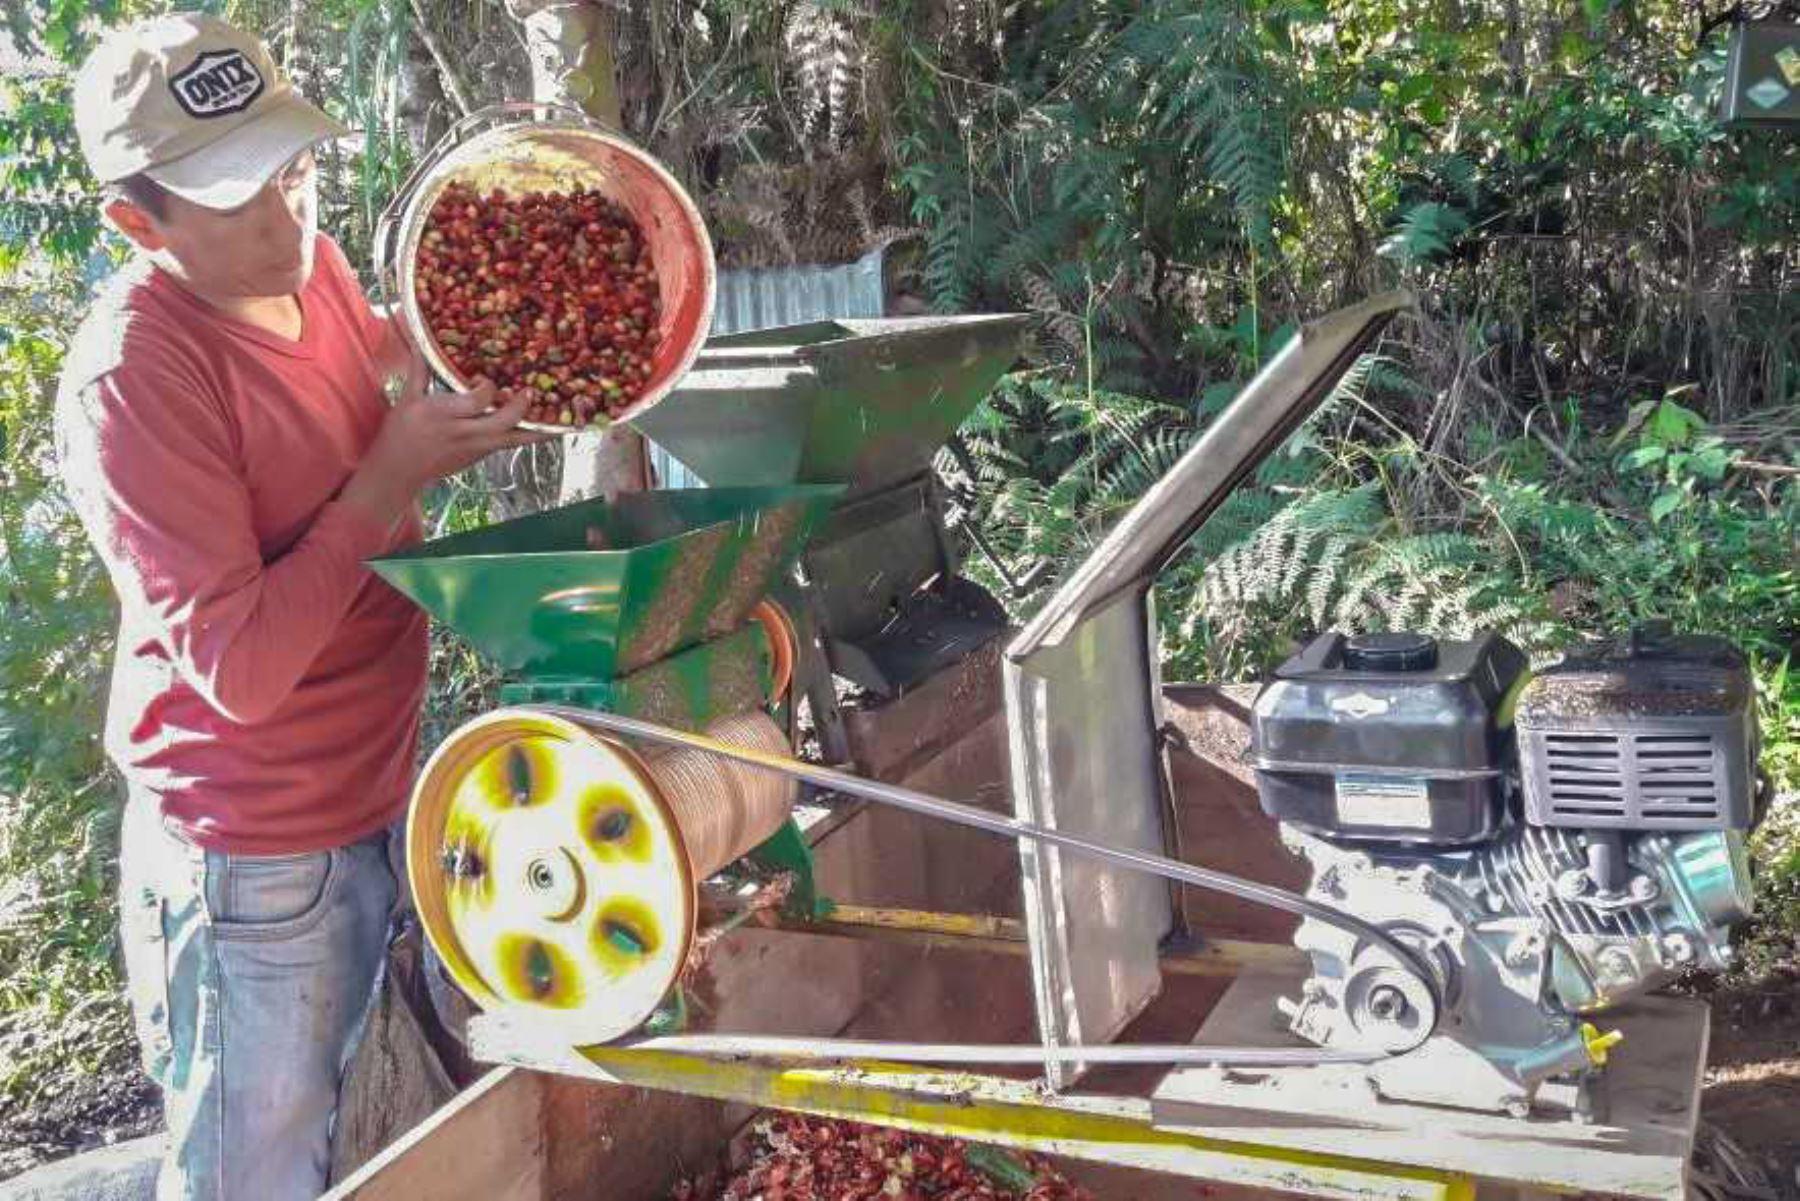 Unas 730 hectáreas de cultivos de hoja de coca fueron reconvertidos a cafetales en el Valle de los Ríos Apurímac, Ene y Mantaro (Vraem), en beneficio de 677 productores agropecuarios en el marco de la Ley 29736, de Reconversión Productiva Agropecuaria.